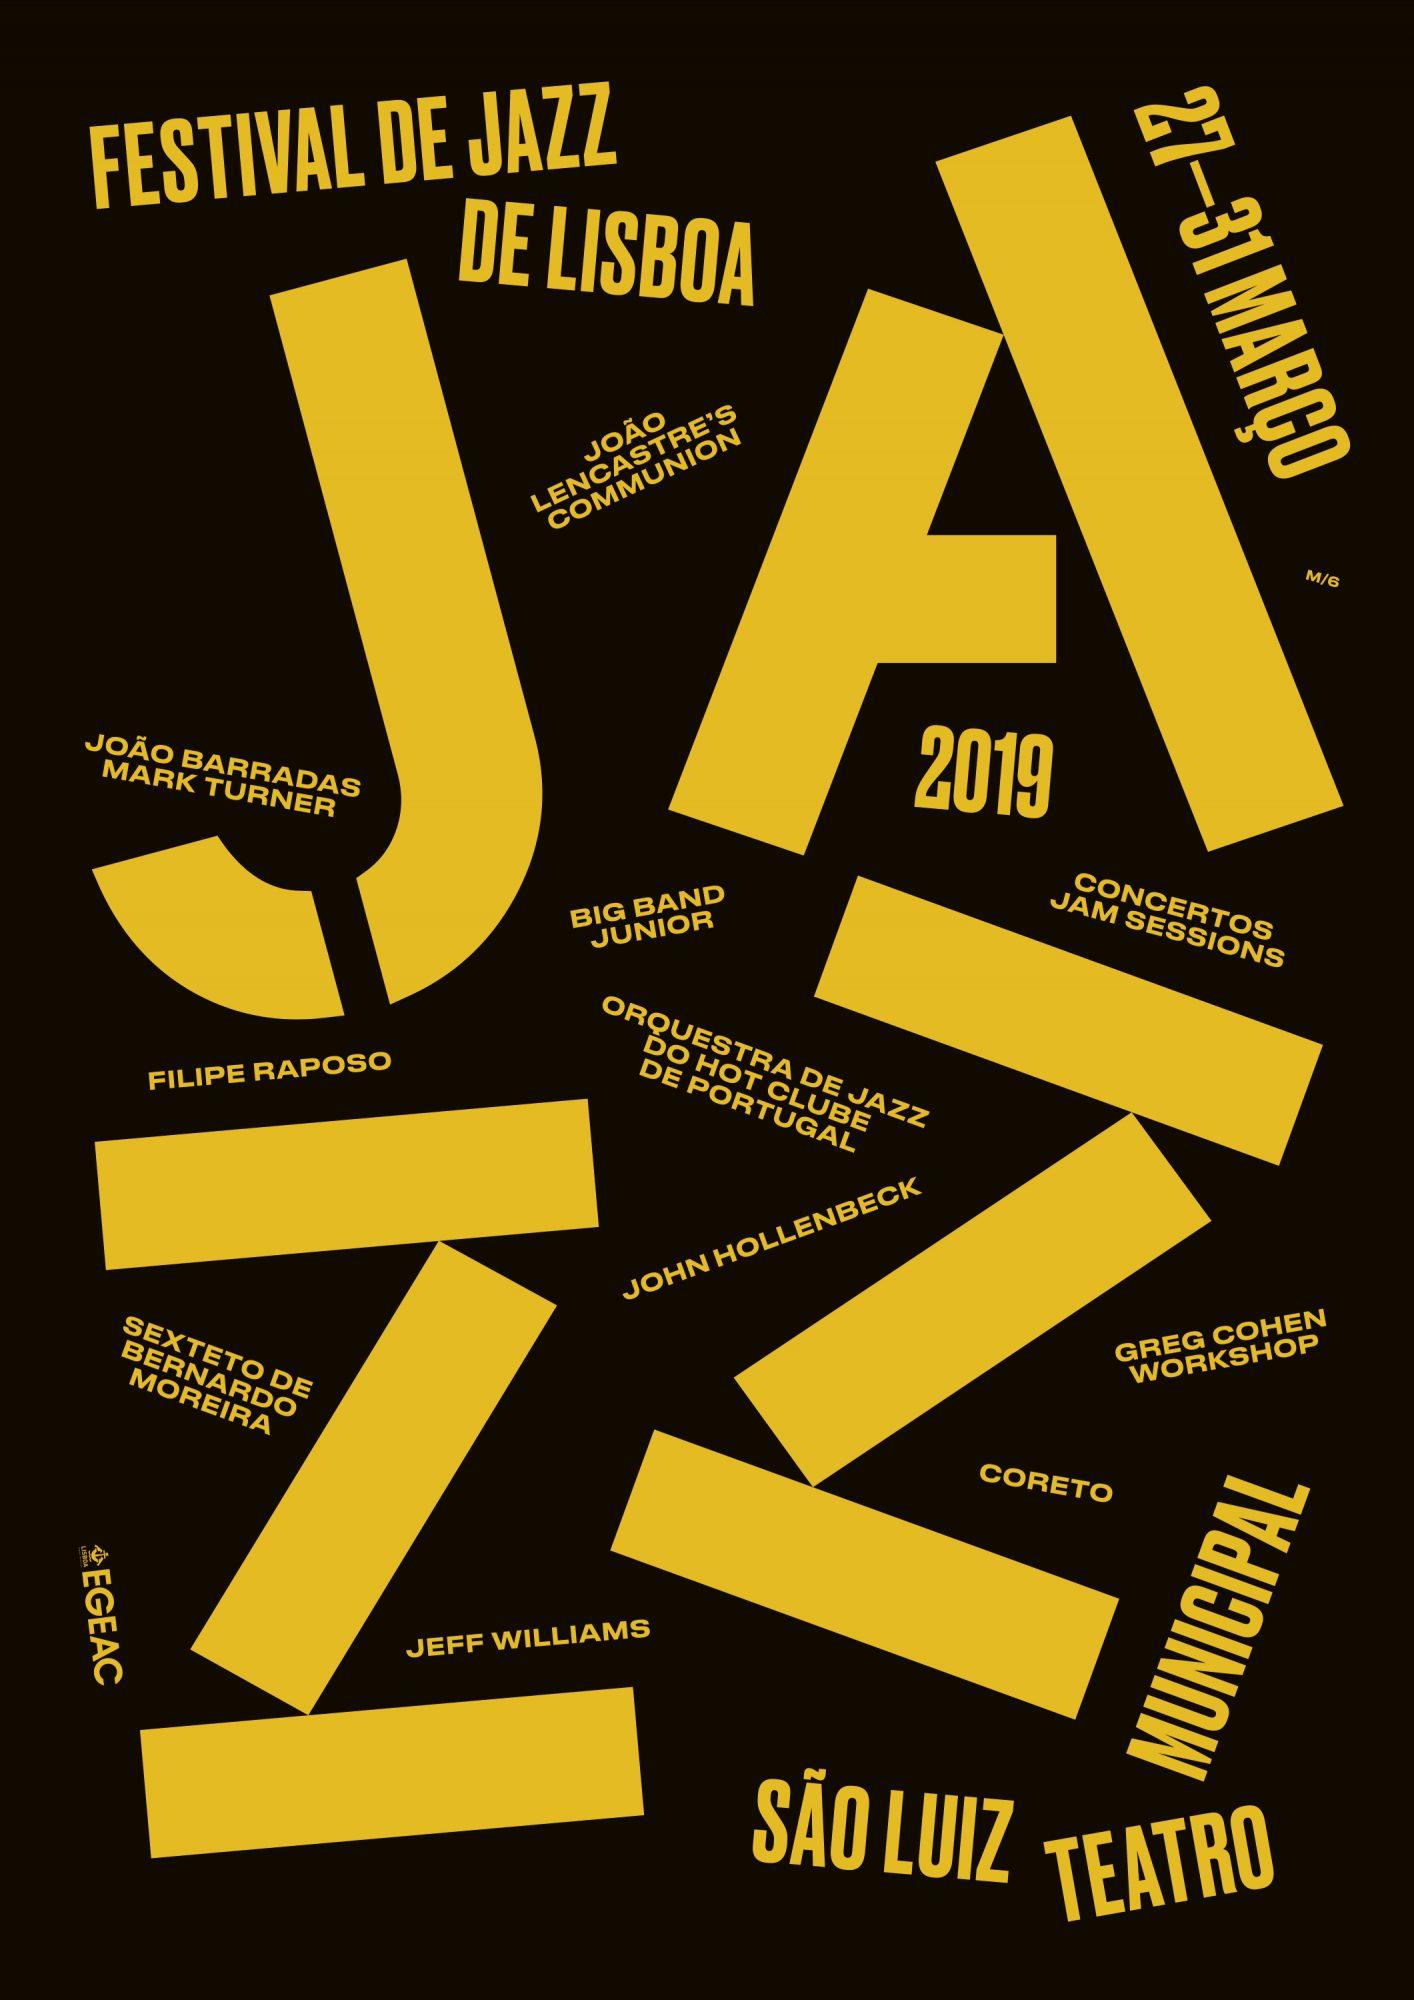 Festival de Jazz de Lisboa (versão 1), março 2019